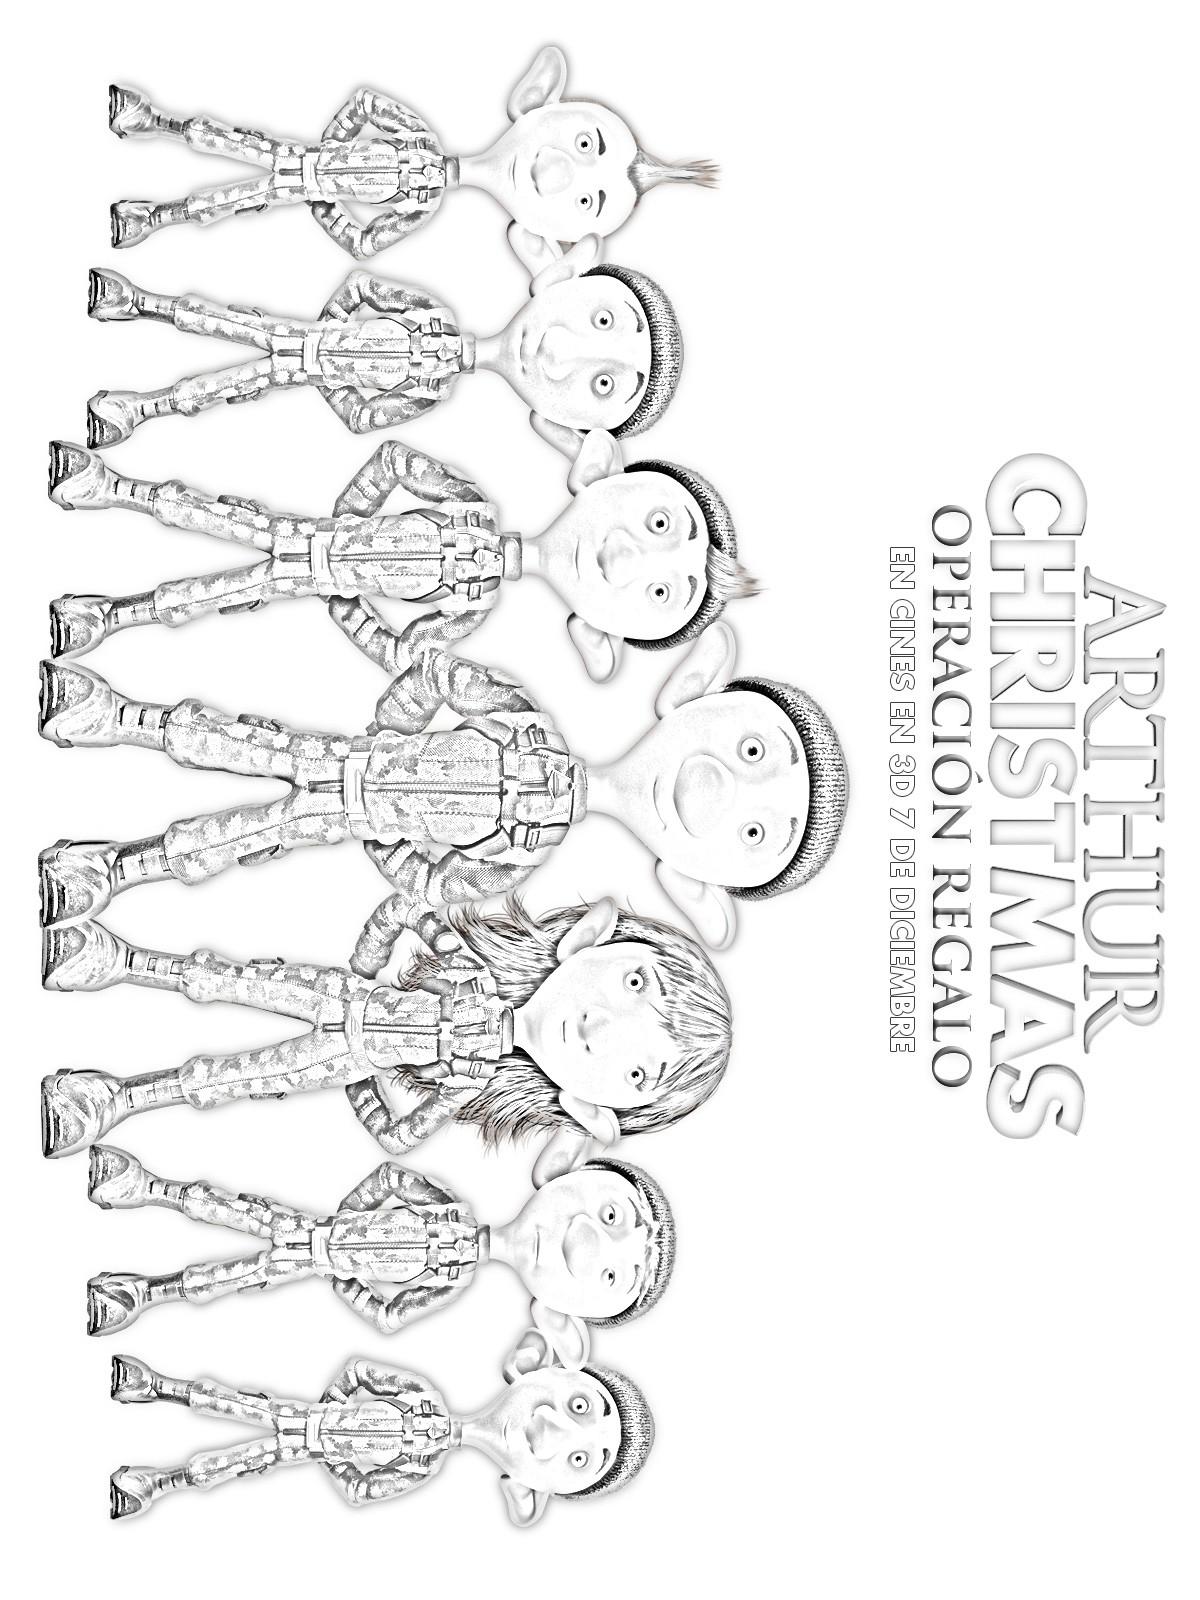 Dibujos para colorear arthur christmas 3 - es.hellokids.com